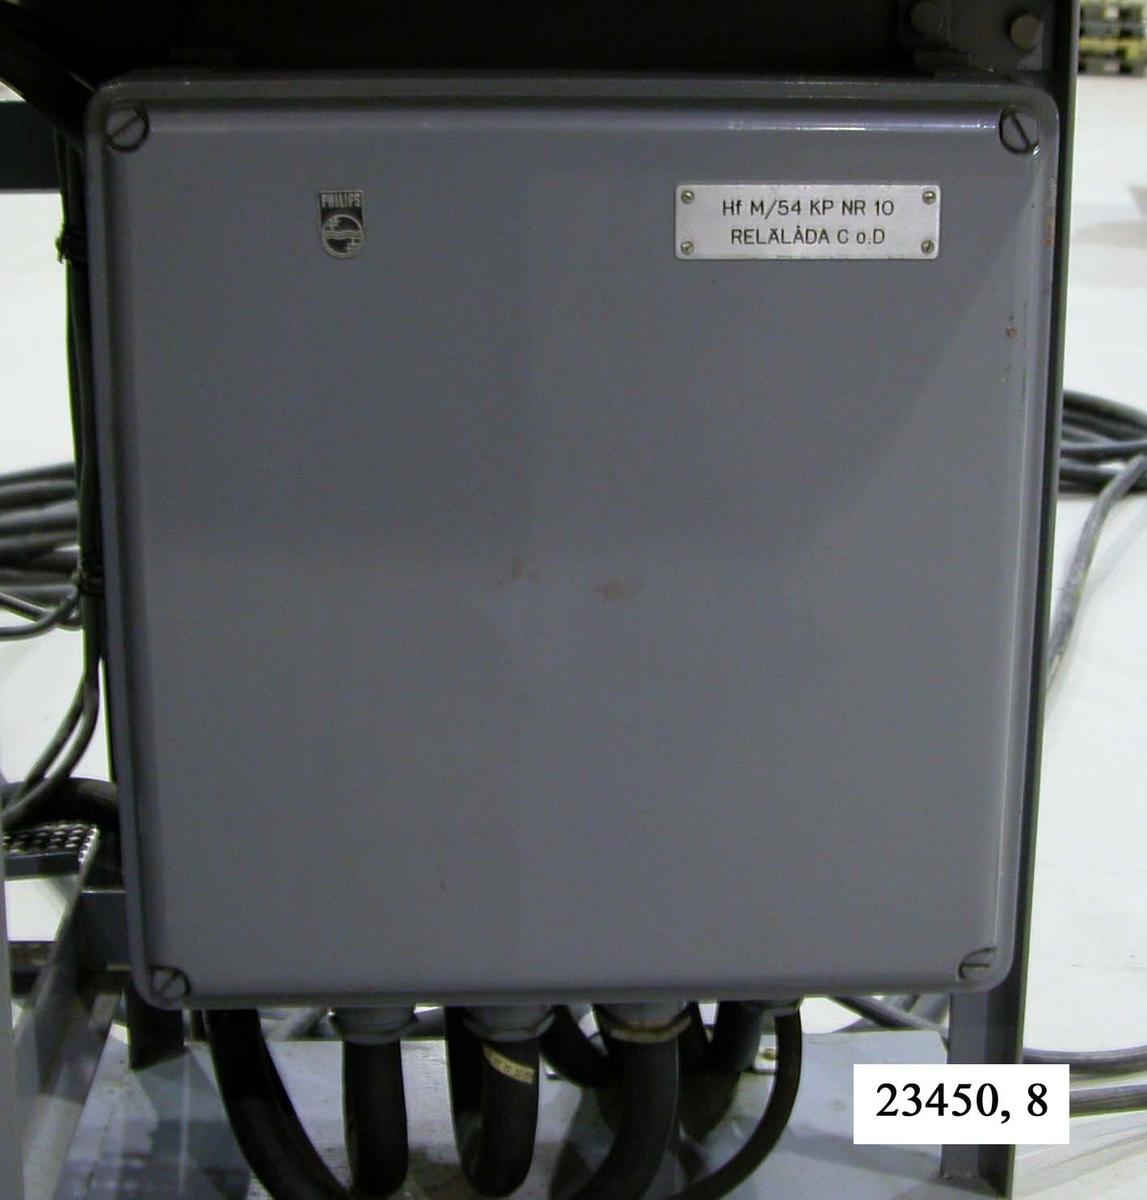 """Rektangulär, grålackerad, slät box av metall. I respektive hörn sitter bultar. I relälådans högra hörn sitter en metallbricka försedd med texten """"Hf M/54 KP NR 10, RELÄLÅDA C o. D"""". I relälådans underdel sitter ett antal kablar fästa. Relälådan är monterad på ett hydrofonstativ, nere till höger på stativets framsida.  Not: Kablaget ej medräknat i dimensioner."""